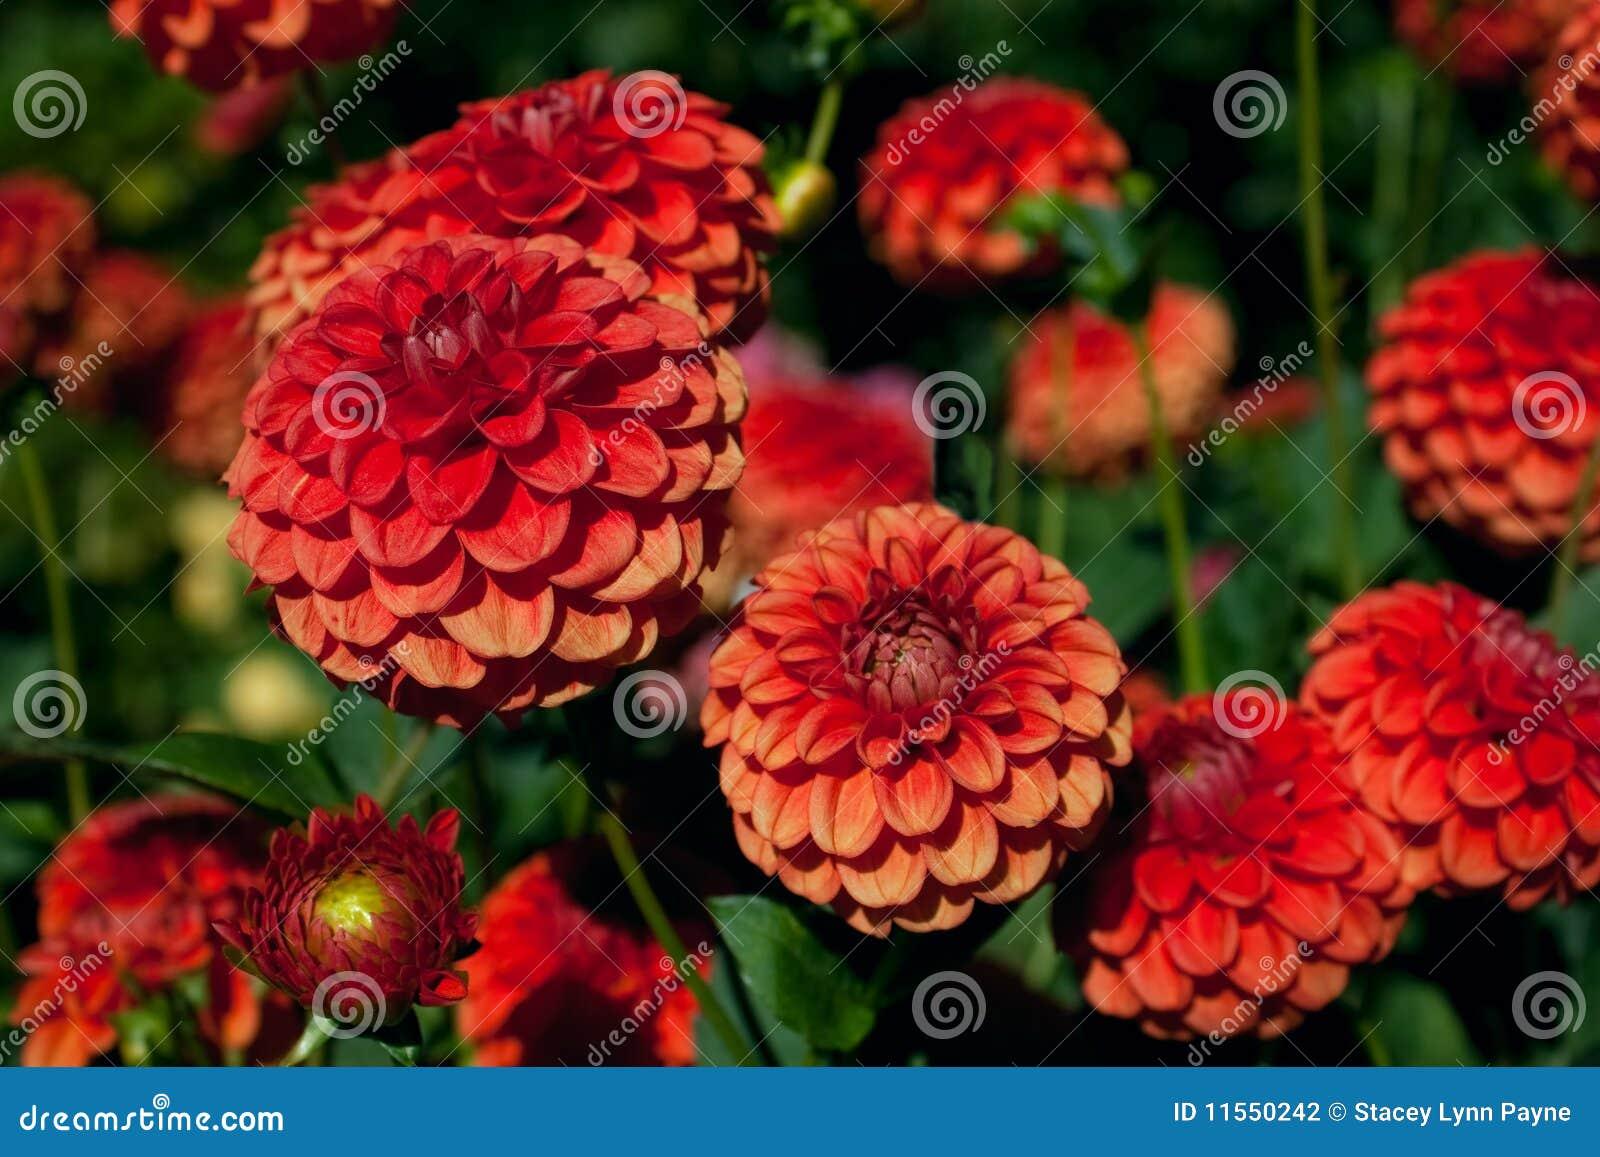 jardim rosas vermelhas:Um jardim de flores vermelhas e alaranjadas da dália de encontro a um